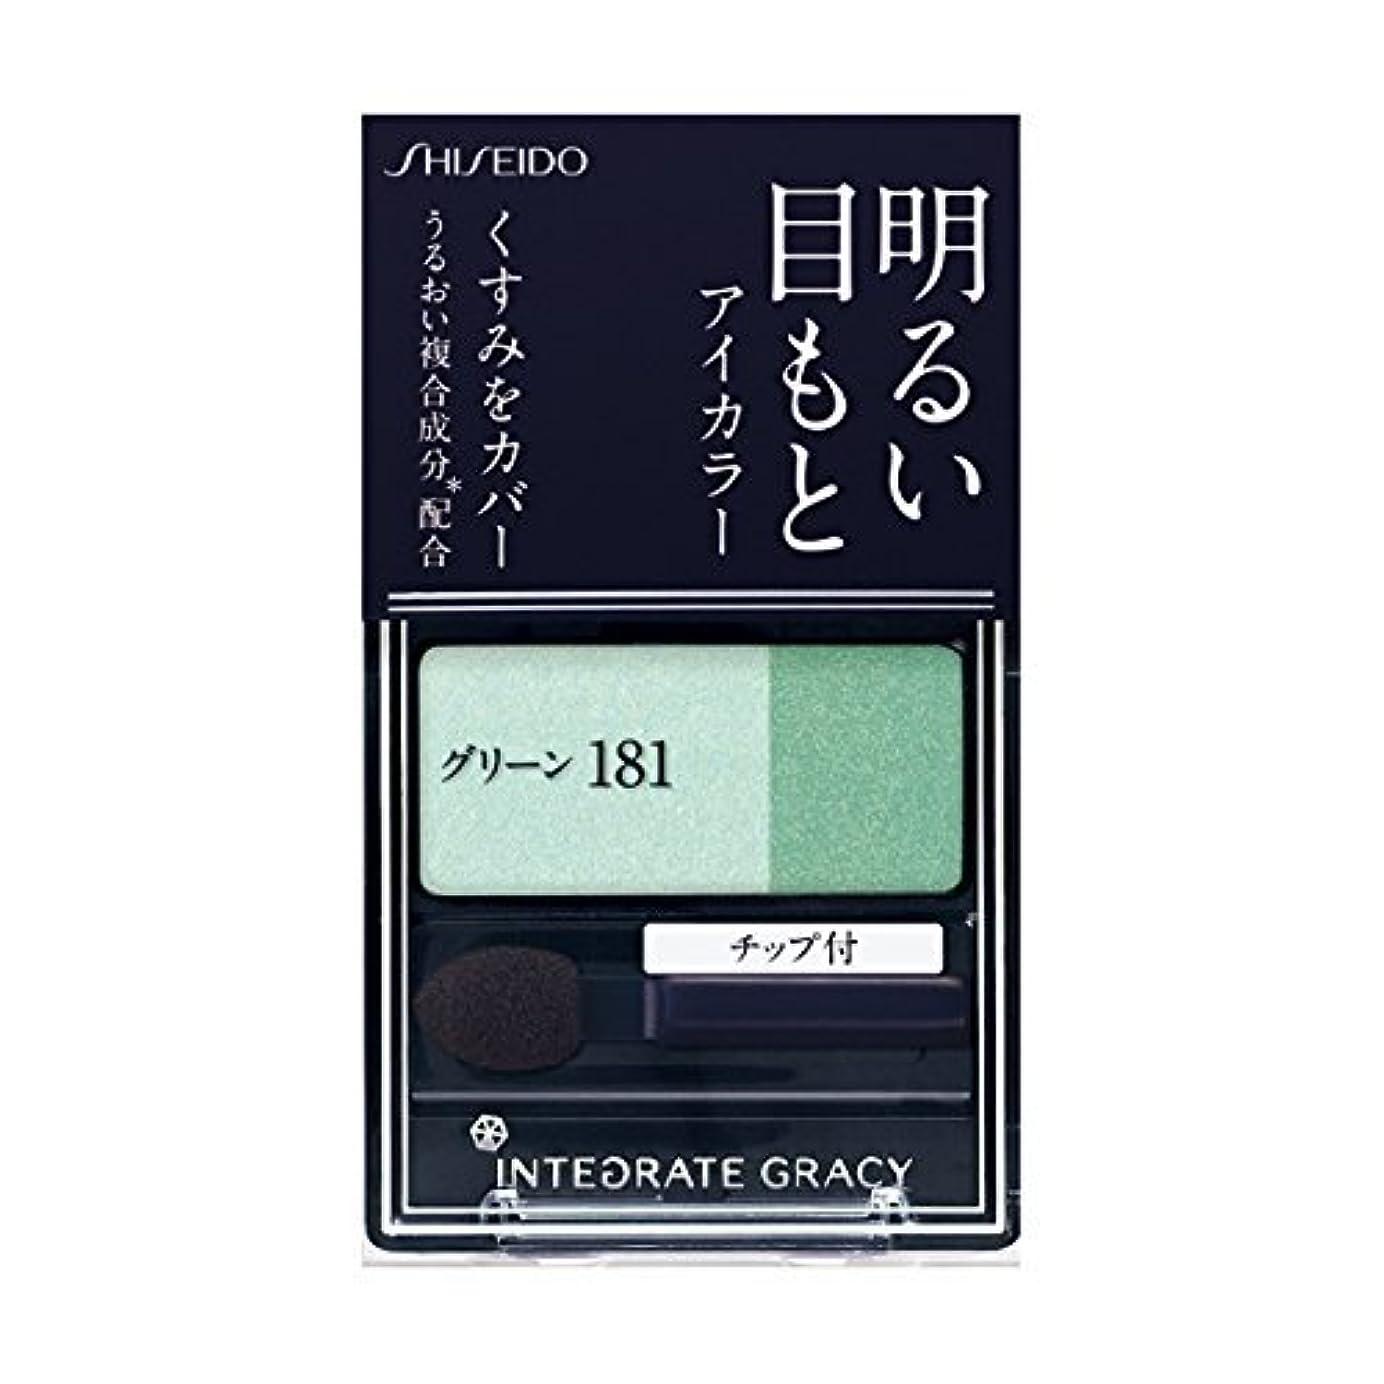 先行する裁定明示的にインテグレート グレイシィ アイカラー グリーン181 2g×3個